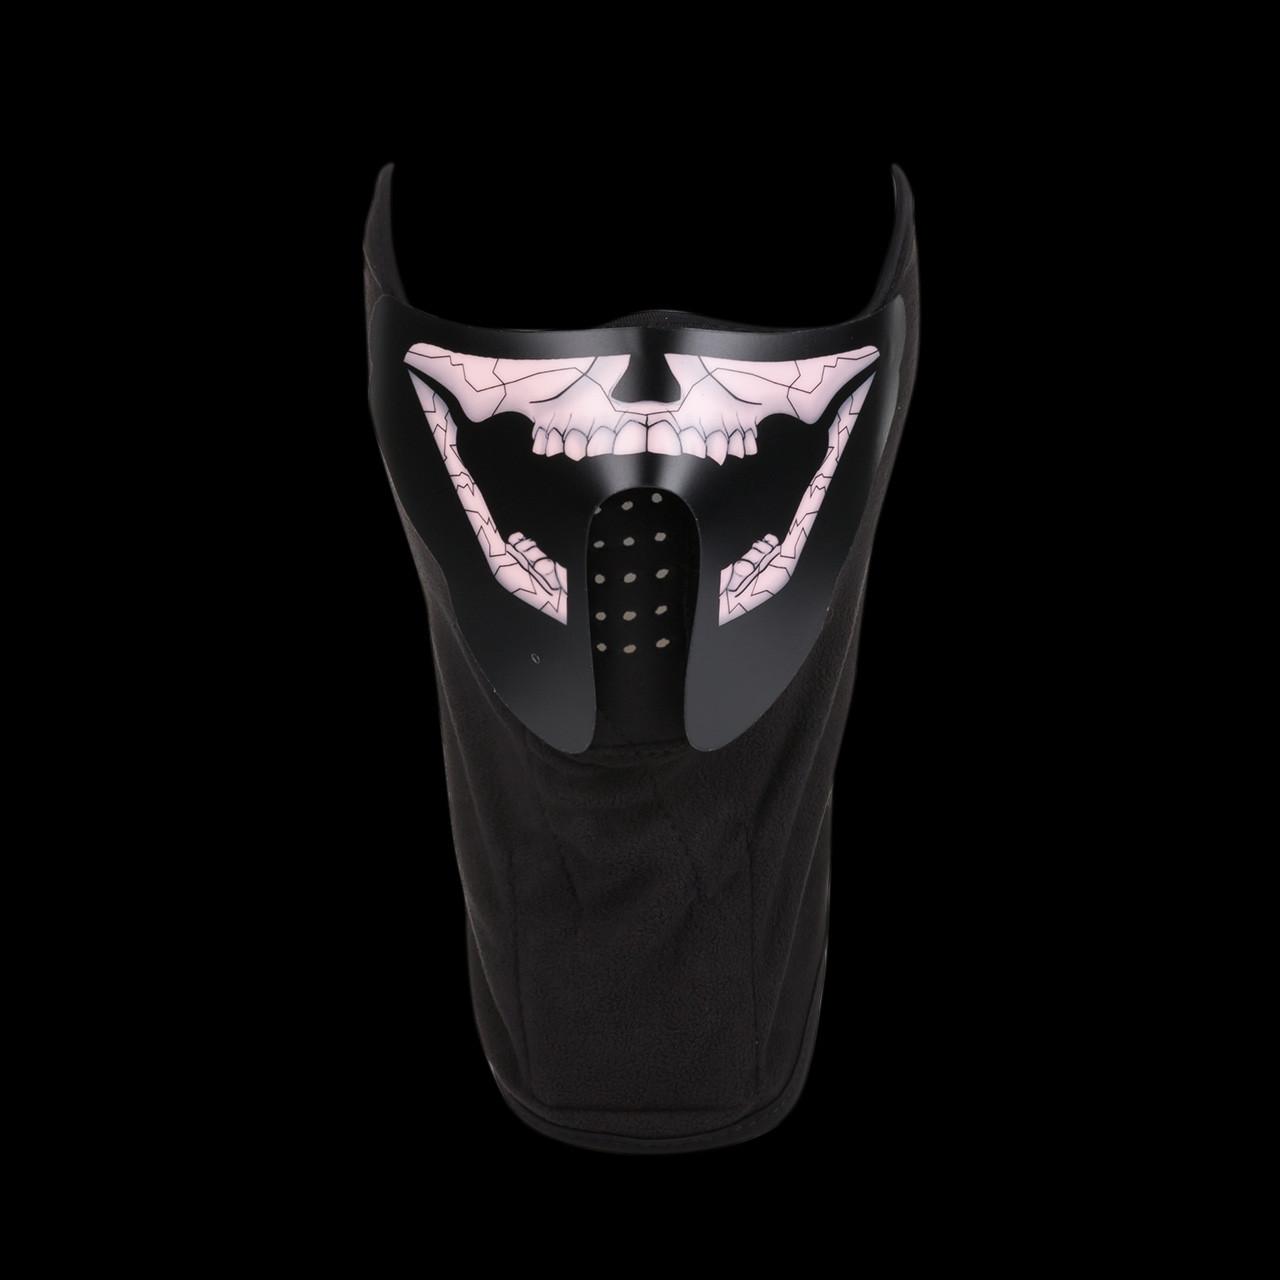 Skull LED Mask M005